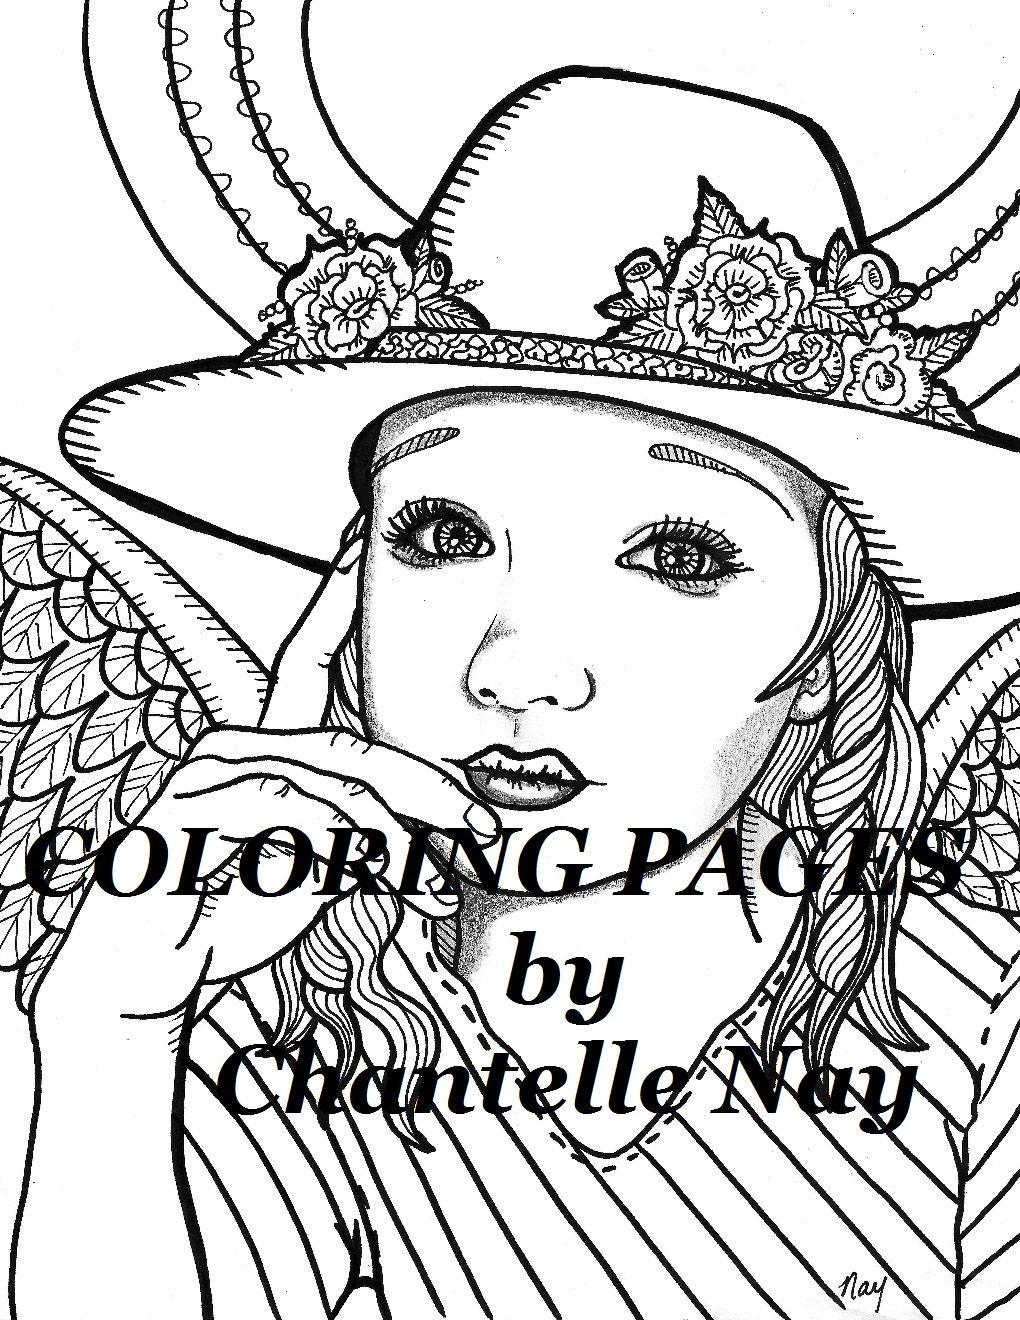 engel kleurplaten pagina vrouw gezicht volwassen